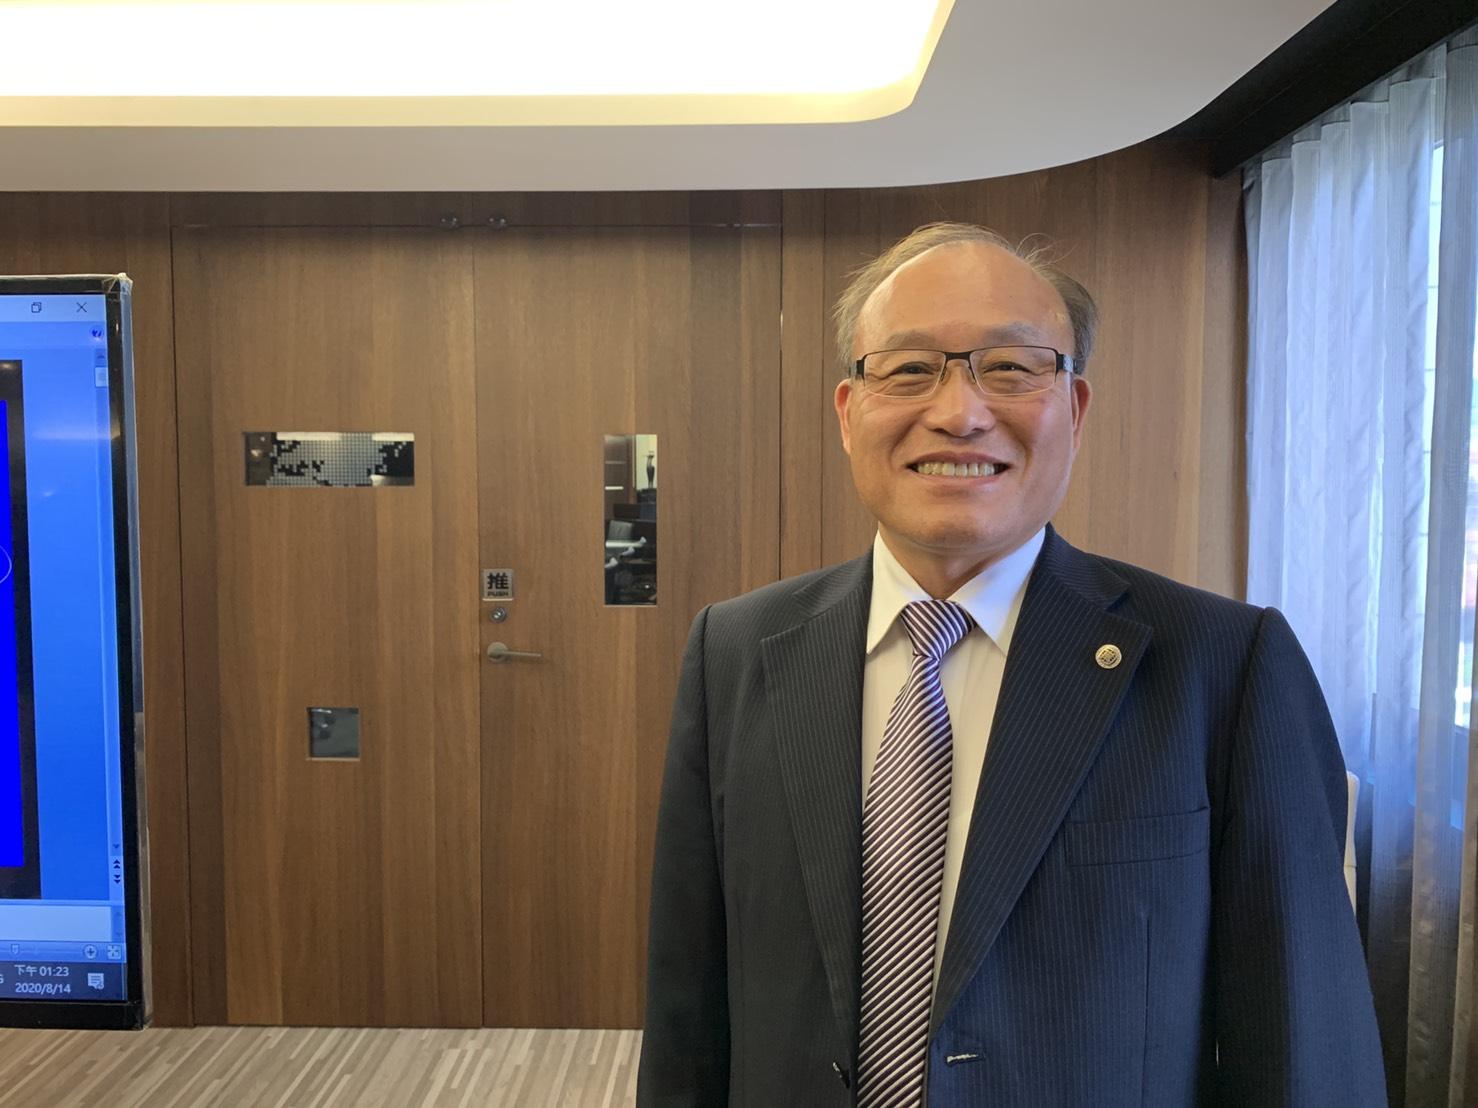 台灣首個電商博覽會8/28-29登場 集結22家平台盛大舉辦、首發產業圖譜